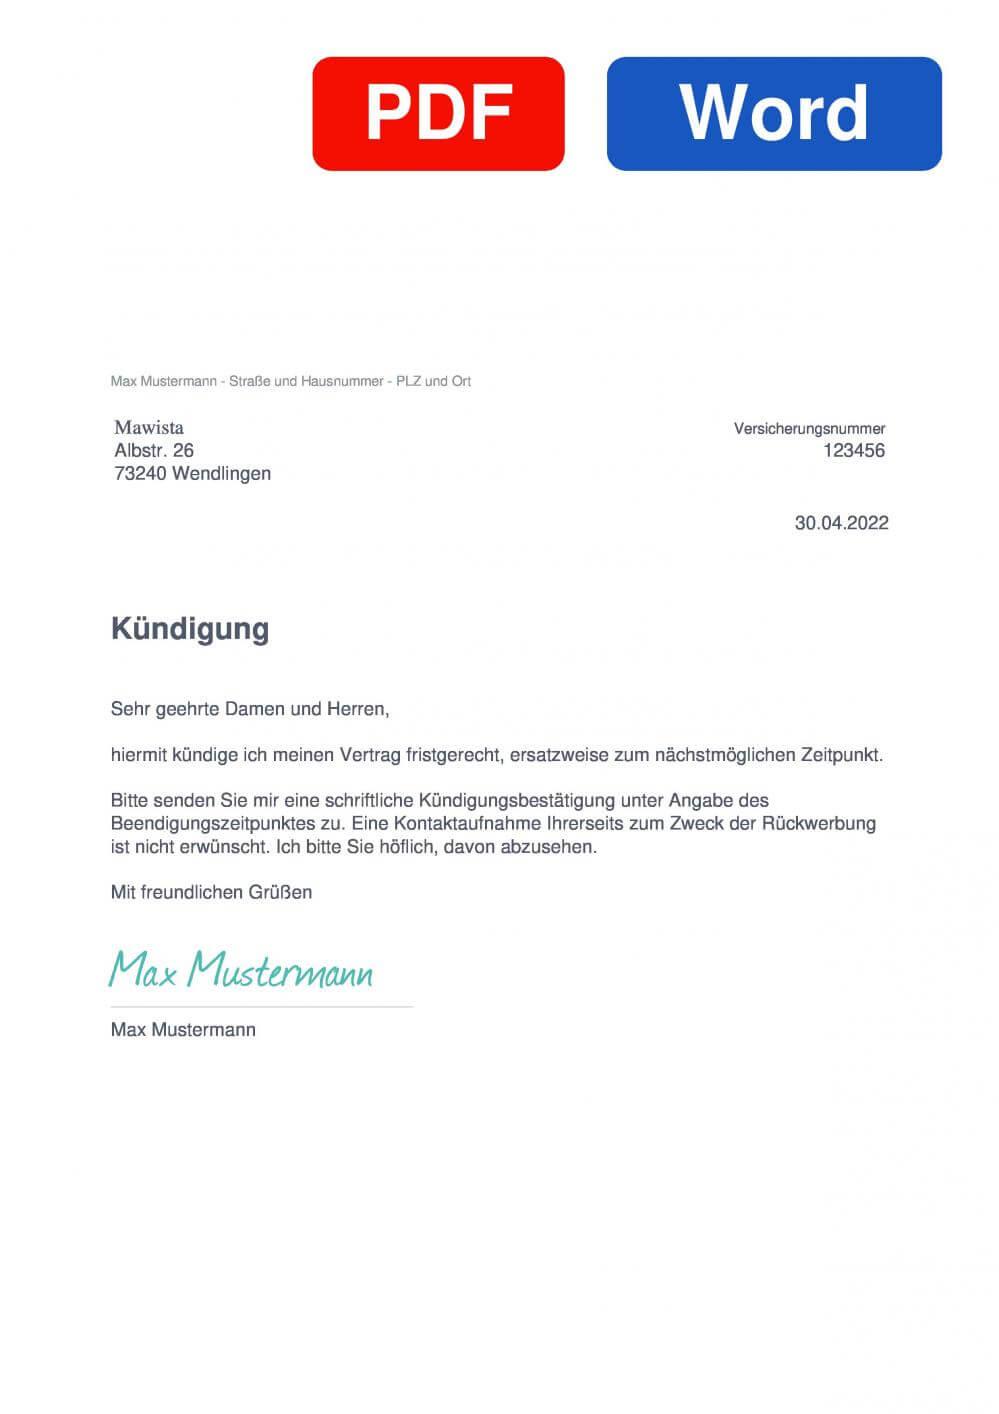 Mawista Muster Vorlage für Kündigungsschreiben